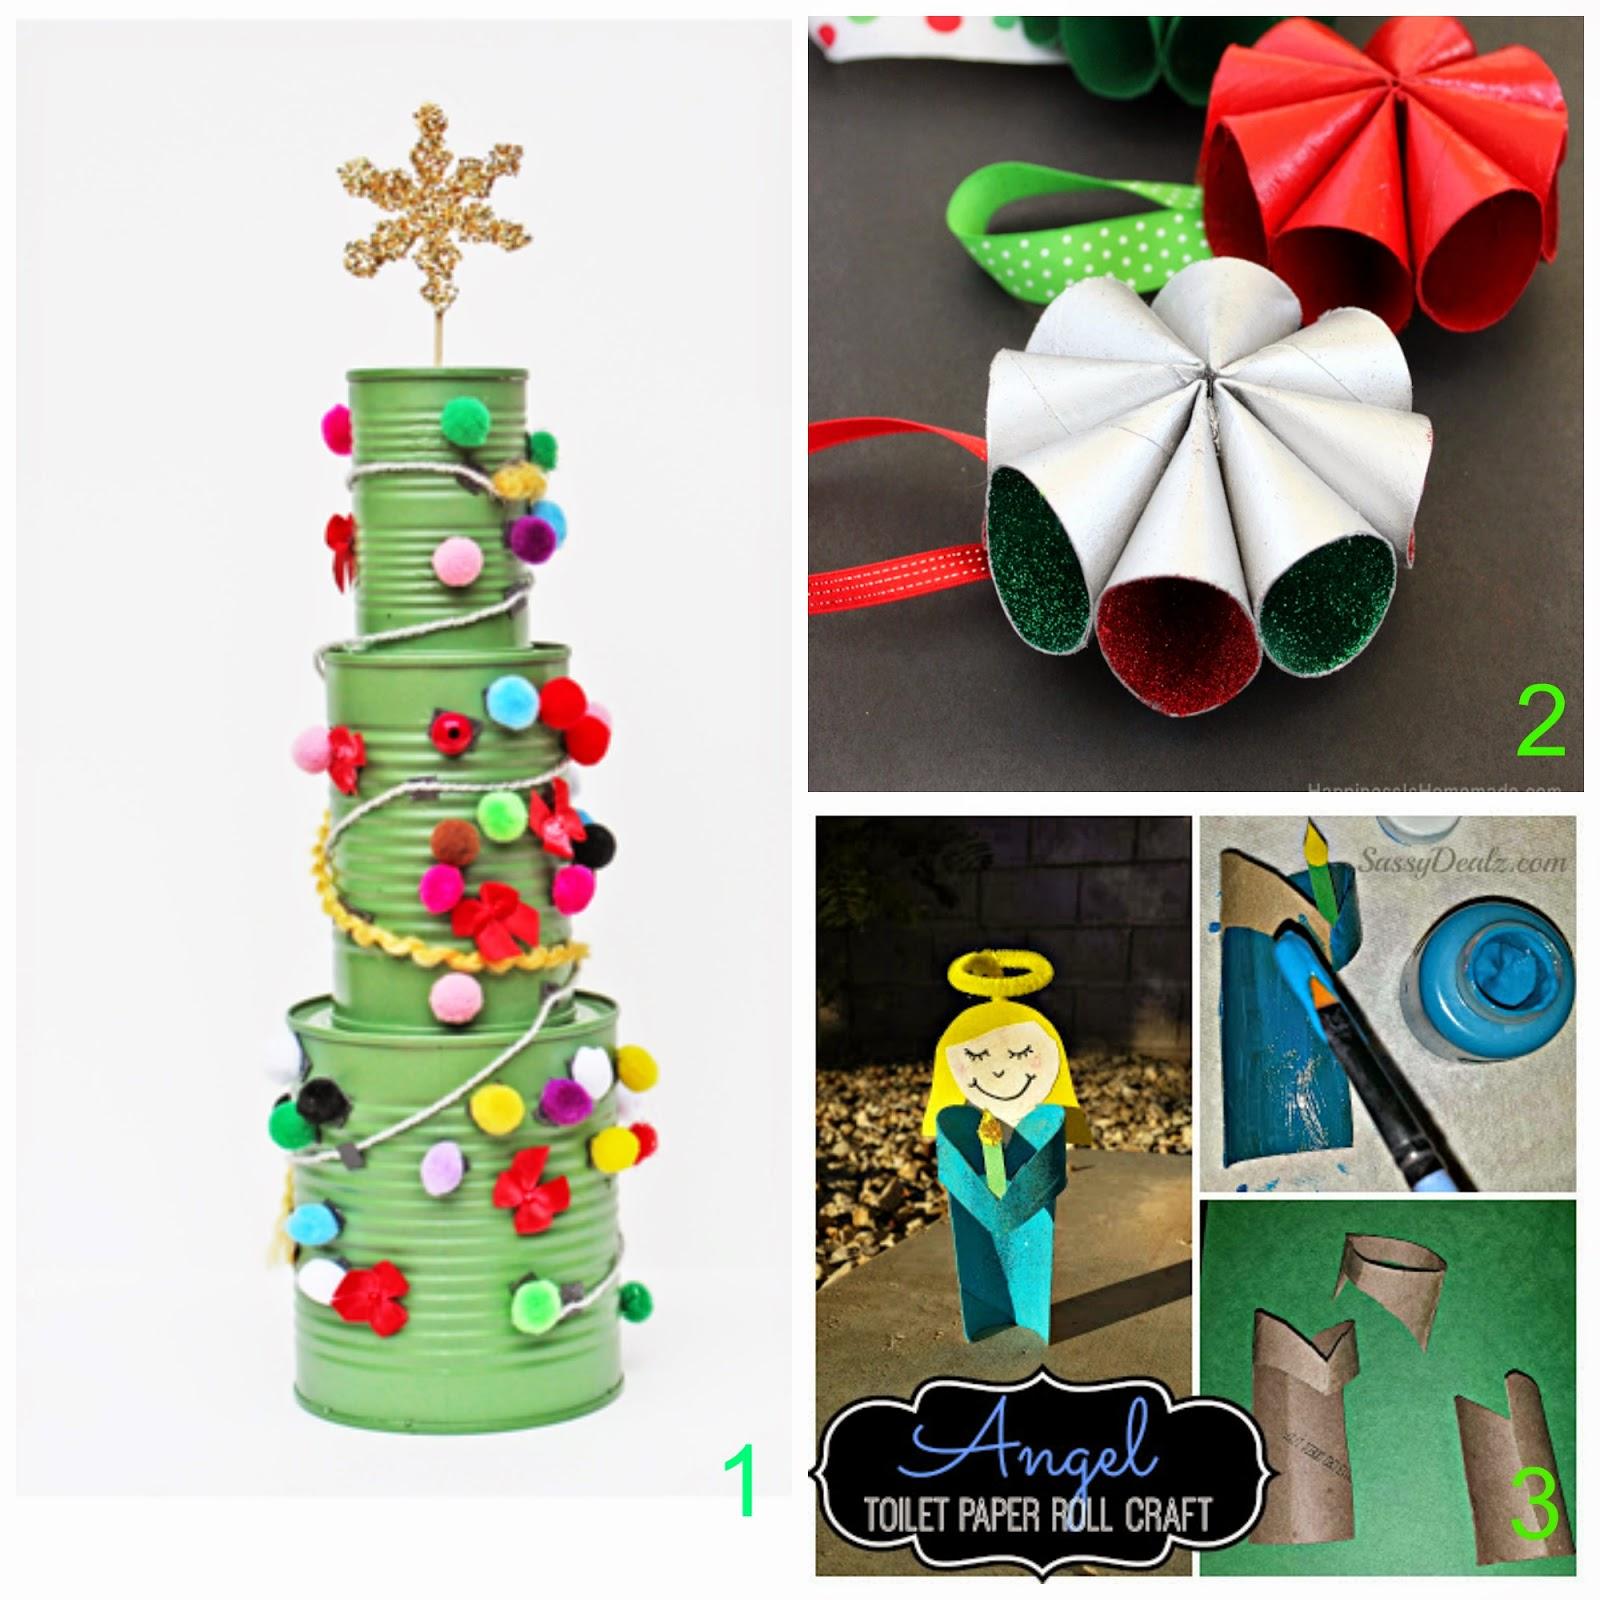 Favorito Mamma Aiuta Mamma: Lavoretti natalizi di riciclo creativo con i bimbi. XJ74